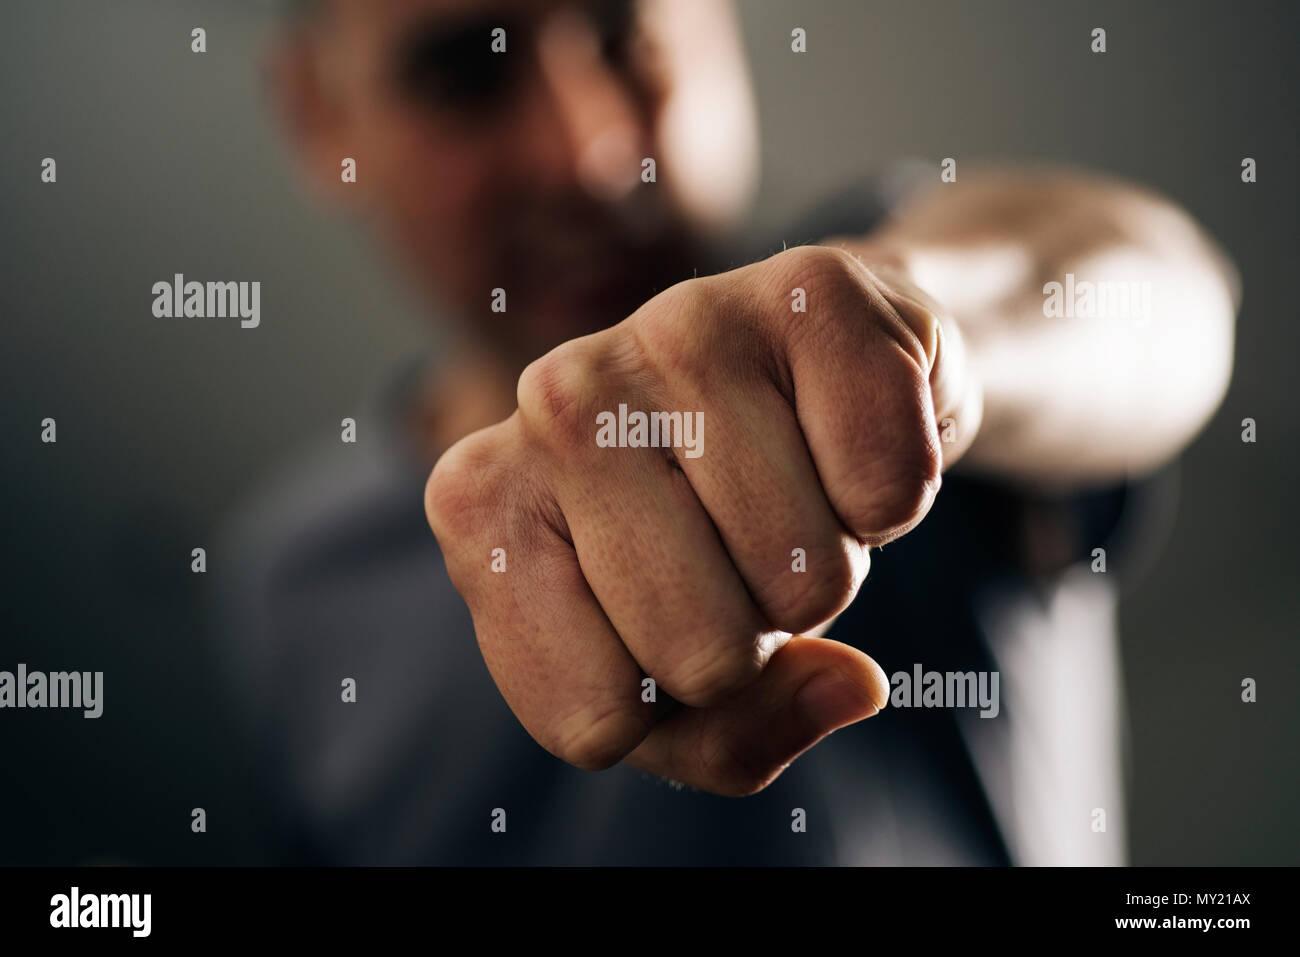 Nahaufnahme eines jungen kaukasischen Mann warf ein Durchschlag zum Beobachter, mit einem dramatischen Effekt Stockfoto